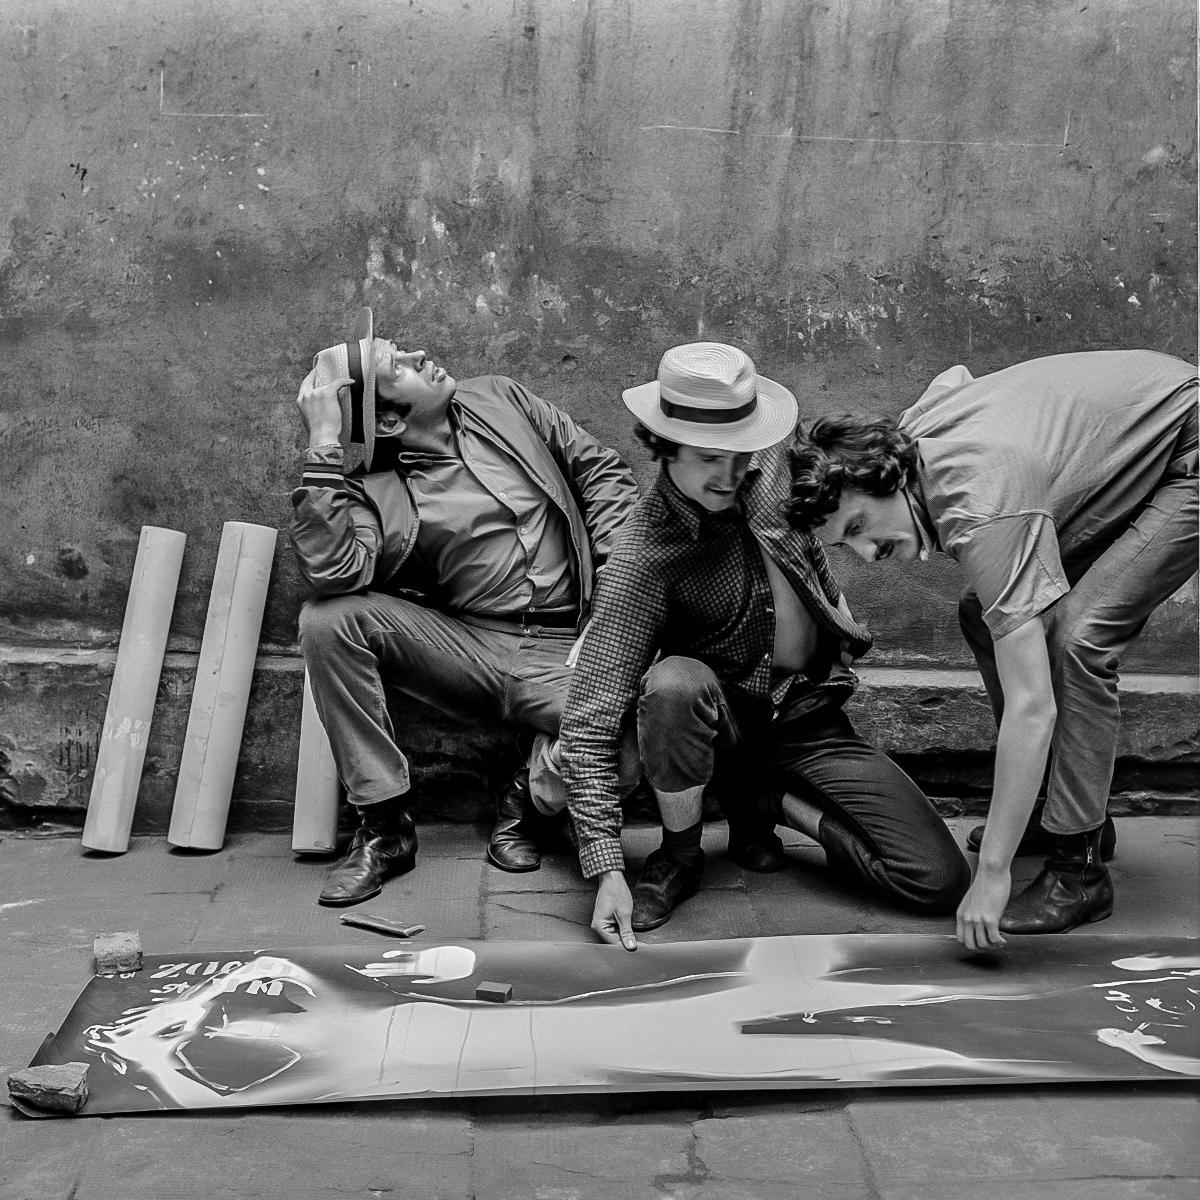 Członkowie Druga Grupy (odlewej: Jacek Maria Stokłosa, Wacław Janicki, Lesław Janicki) zfragmentem pracy Zapis Bromowy, 1970, fot.Jacek Maria Stokłosa